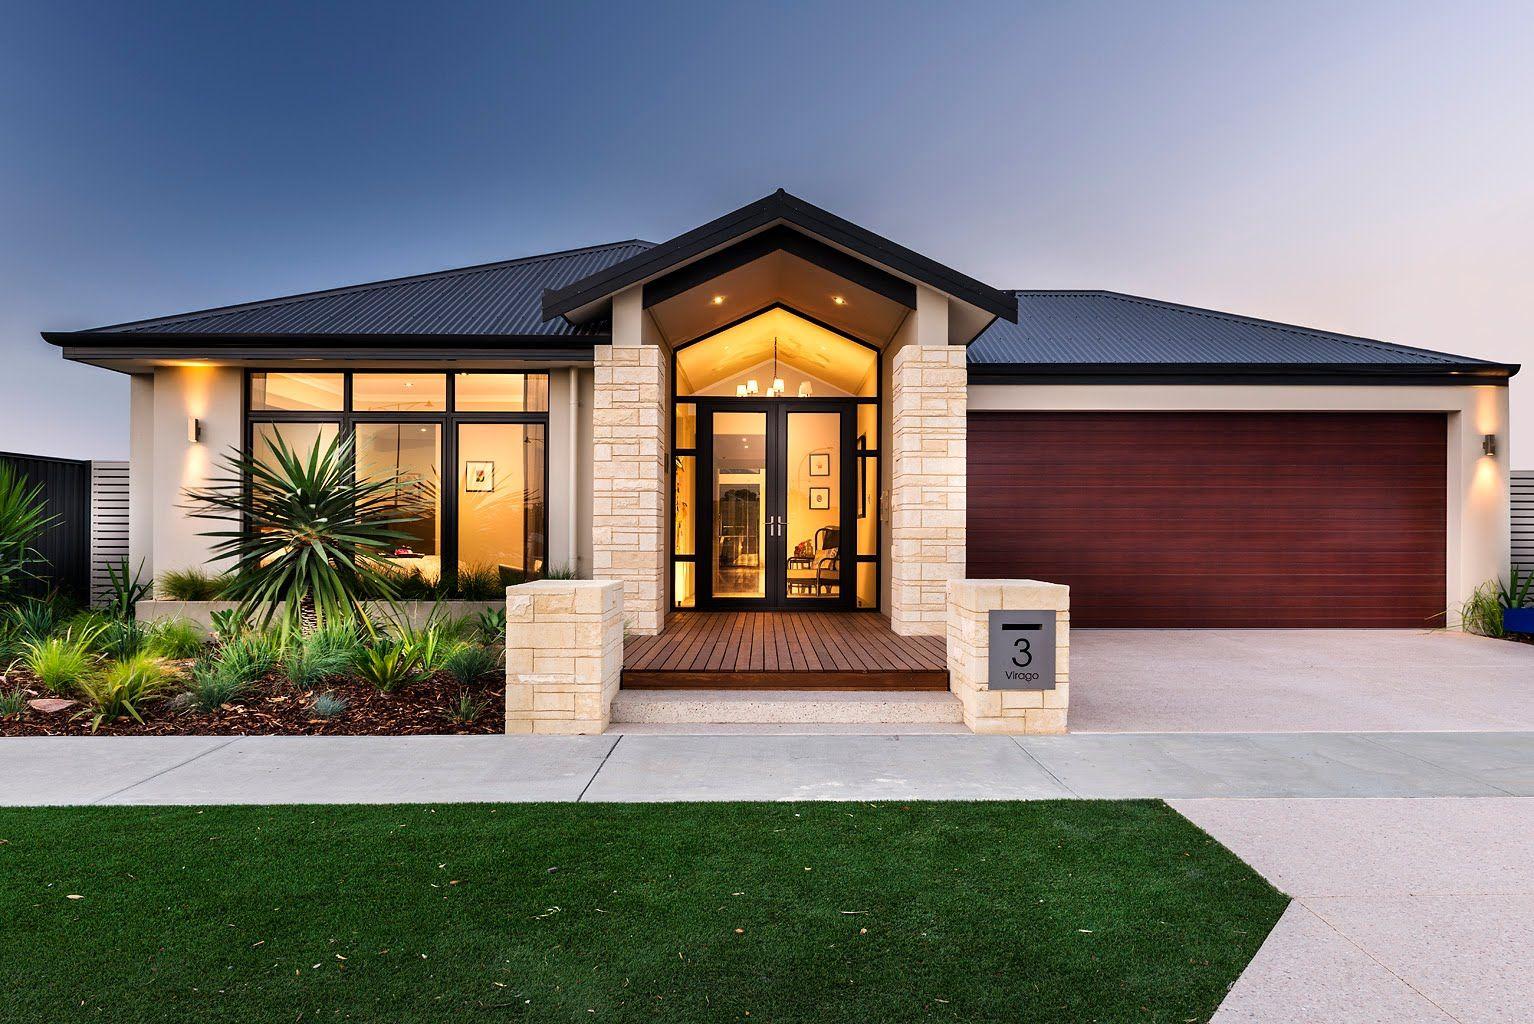 Eden Modern New Home Designs Dale Alcock Homes Youtube Facade House House Exterior Modern House Design